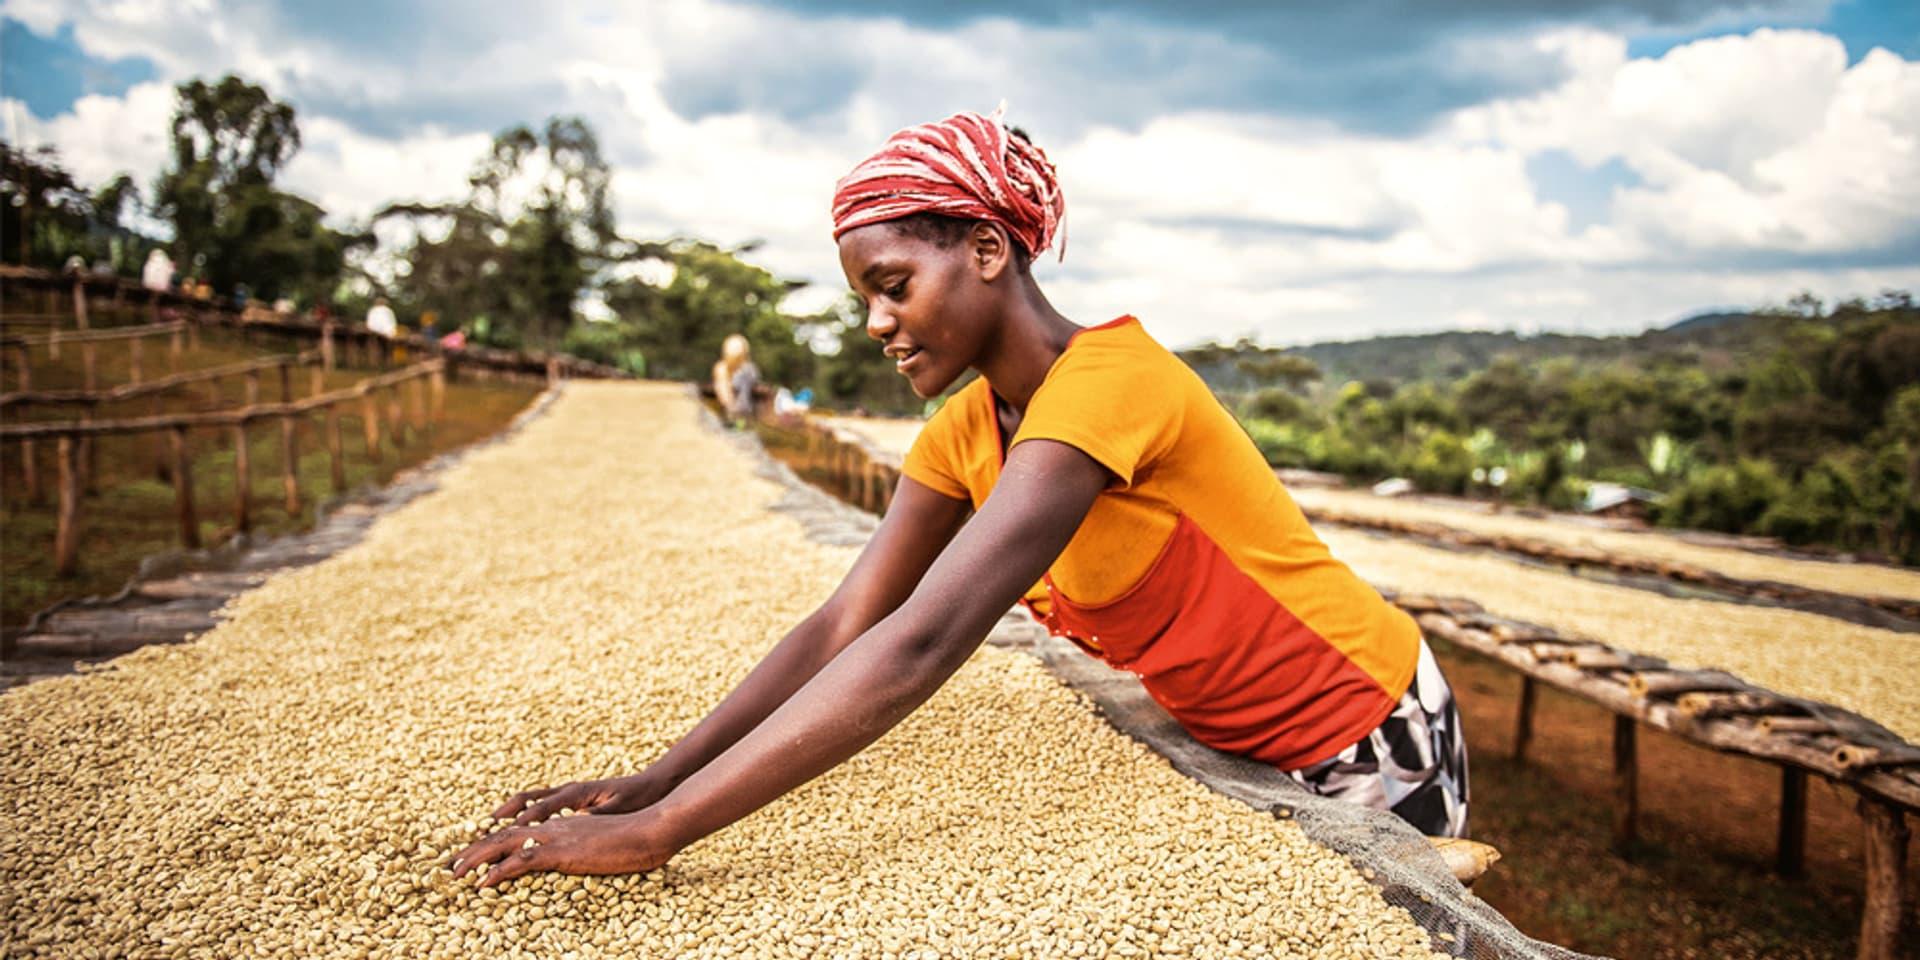 Eine Frau mit Kopftuch sortiert helle Kaffeebohnen